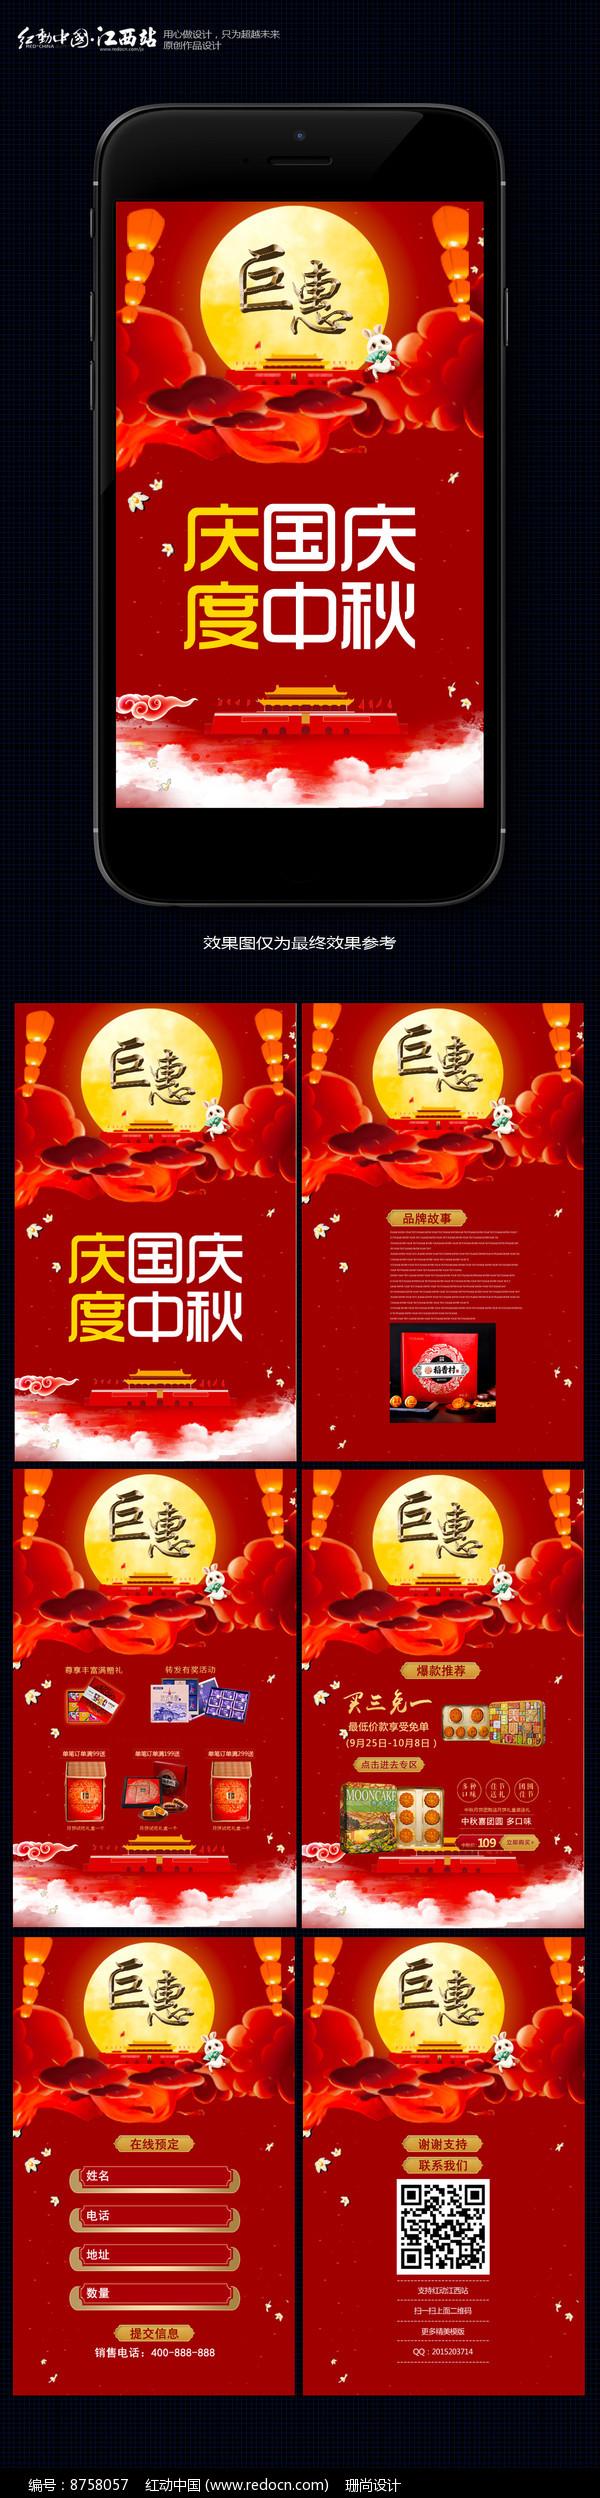 中秋节月饼促销广告H5模版图片